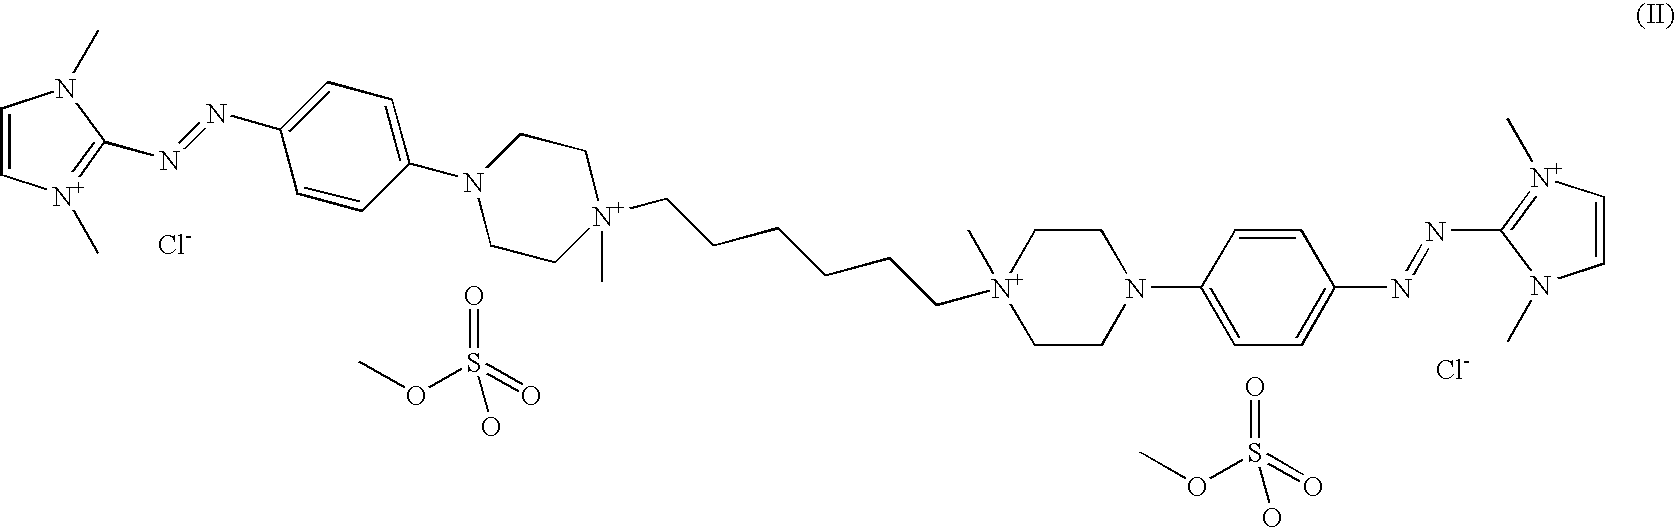 Figure US07282068-20071016-C00004